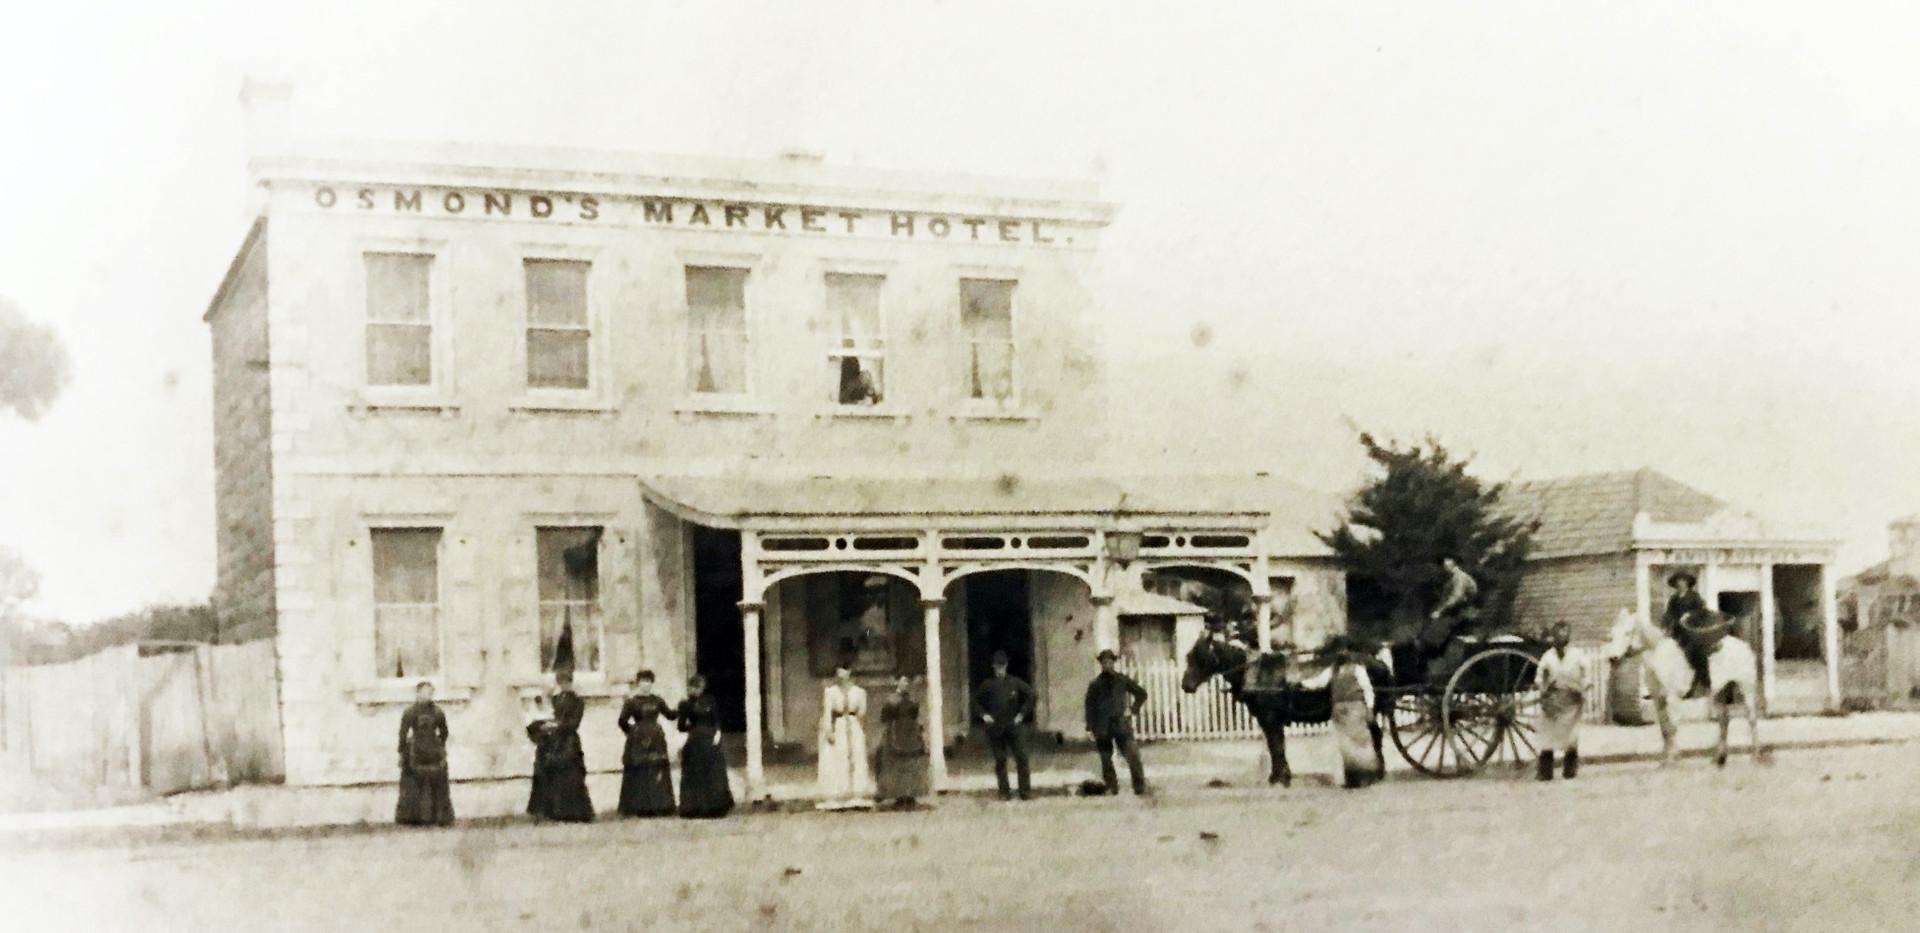 OMI_Market Hotel 1884.jpg